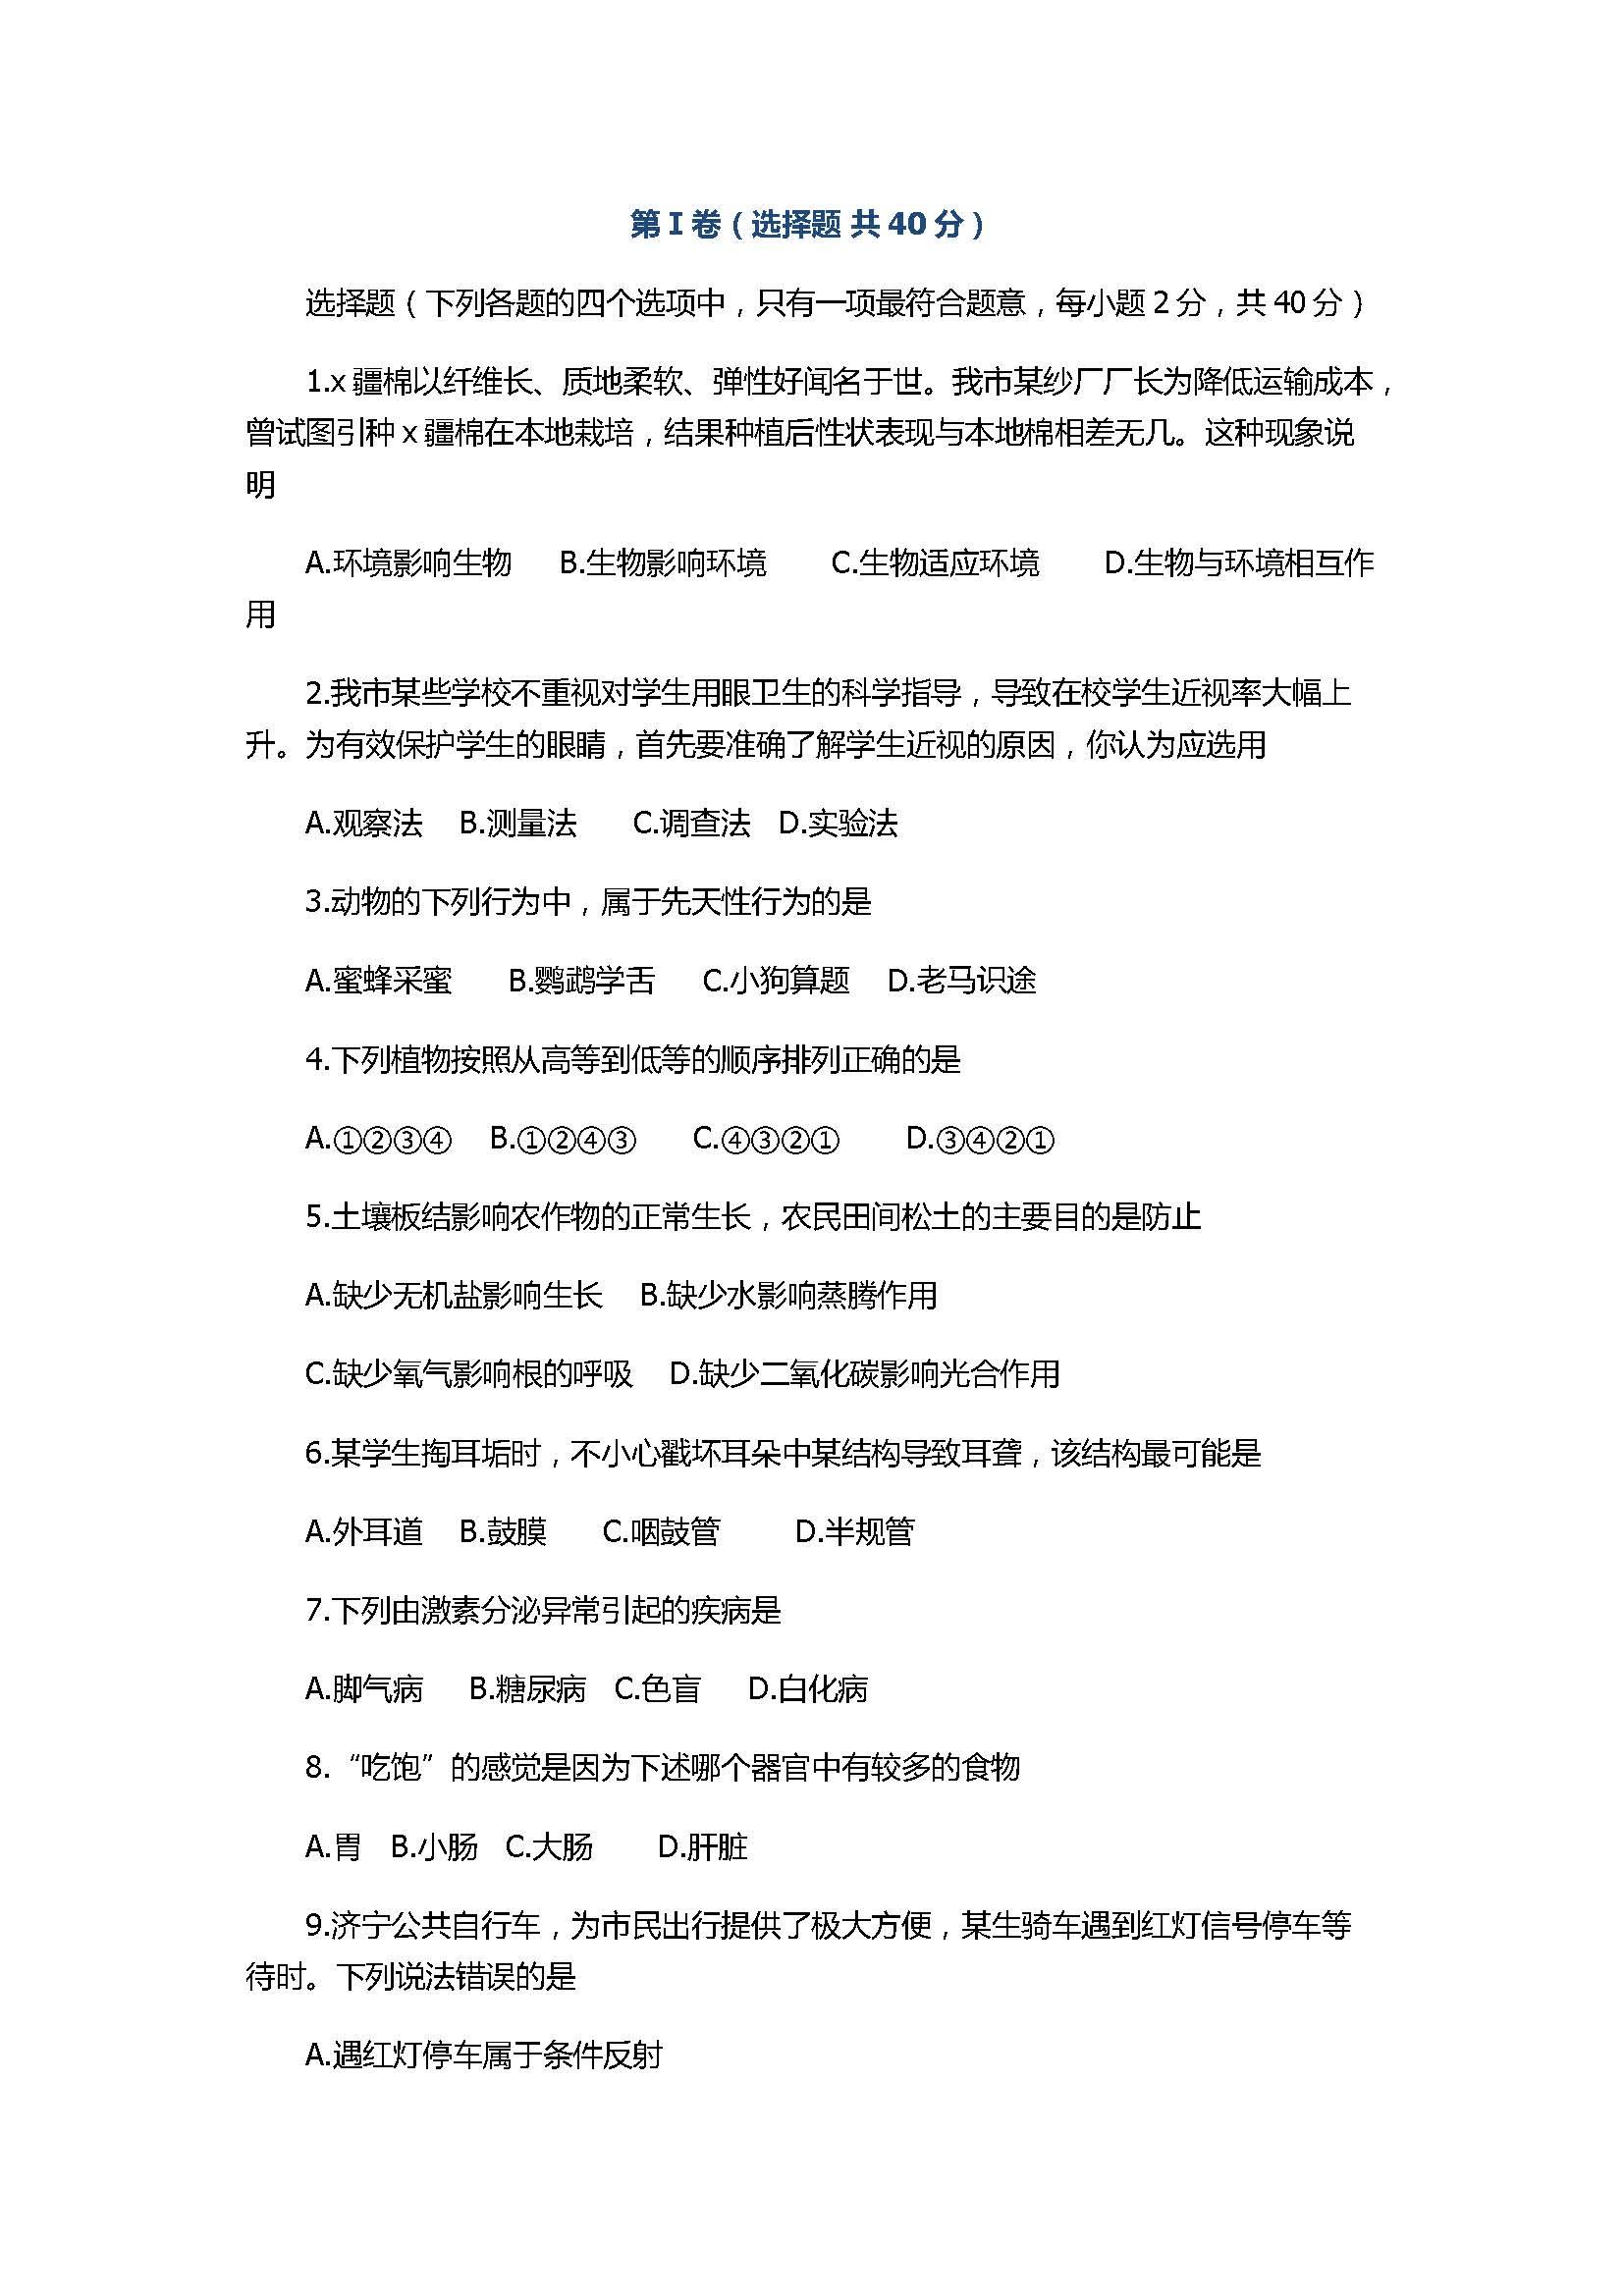 2017初二年级生物结业考试卷含参考答案(山东省济宁市)